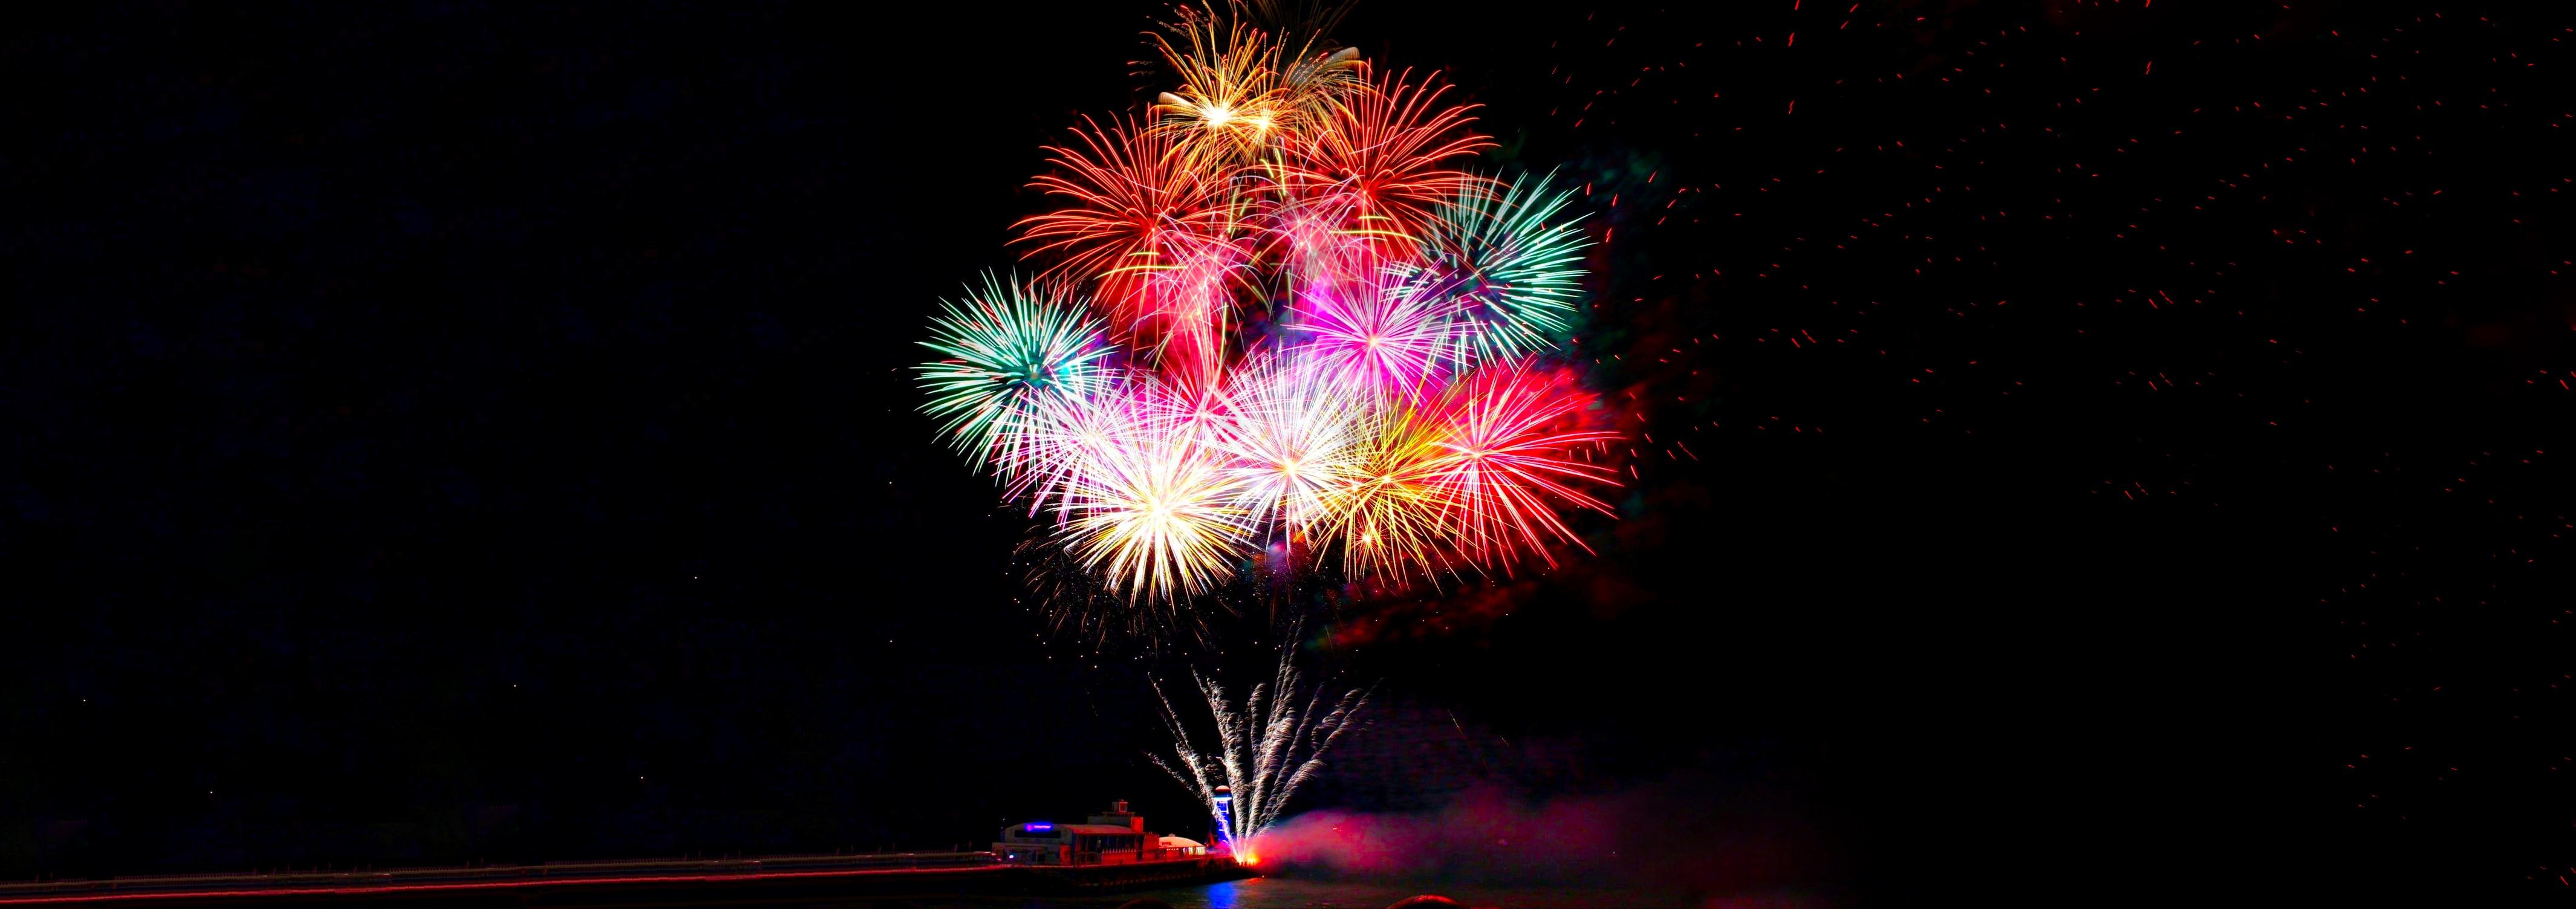 Firework22.jpg